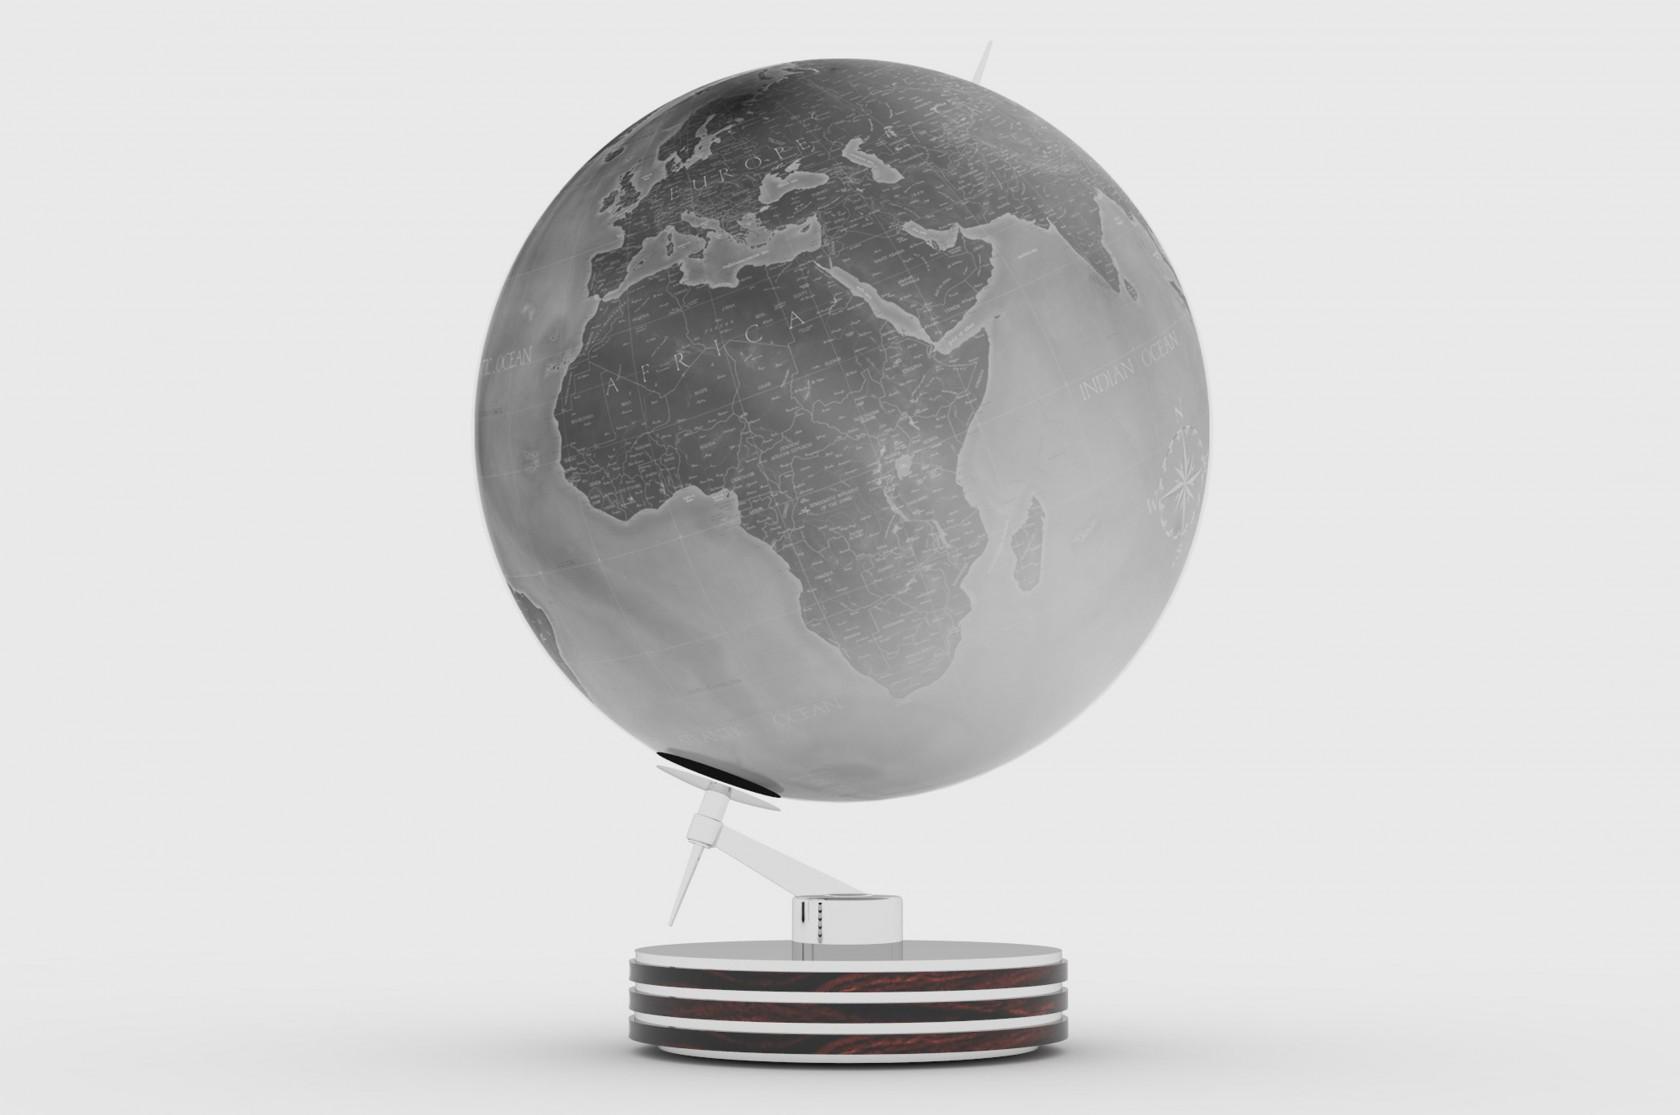 globes terrestres ludovic avenel b niste cr ateur paris. Black Bedroom Furniture Sets. Home Design Ideas